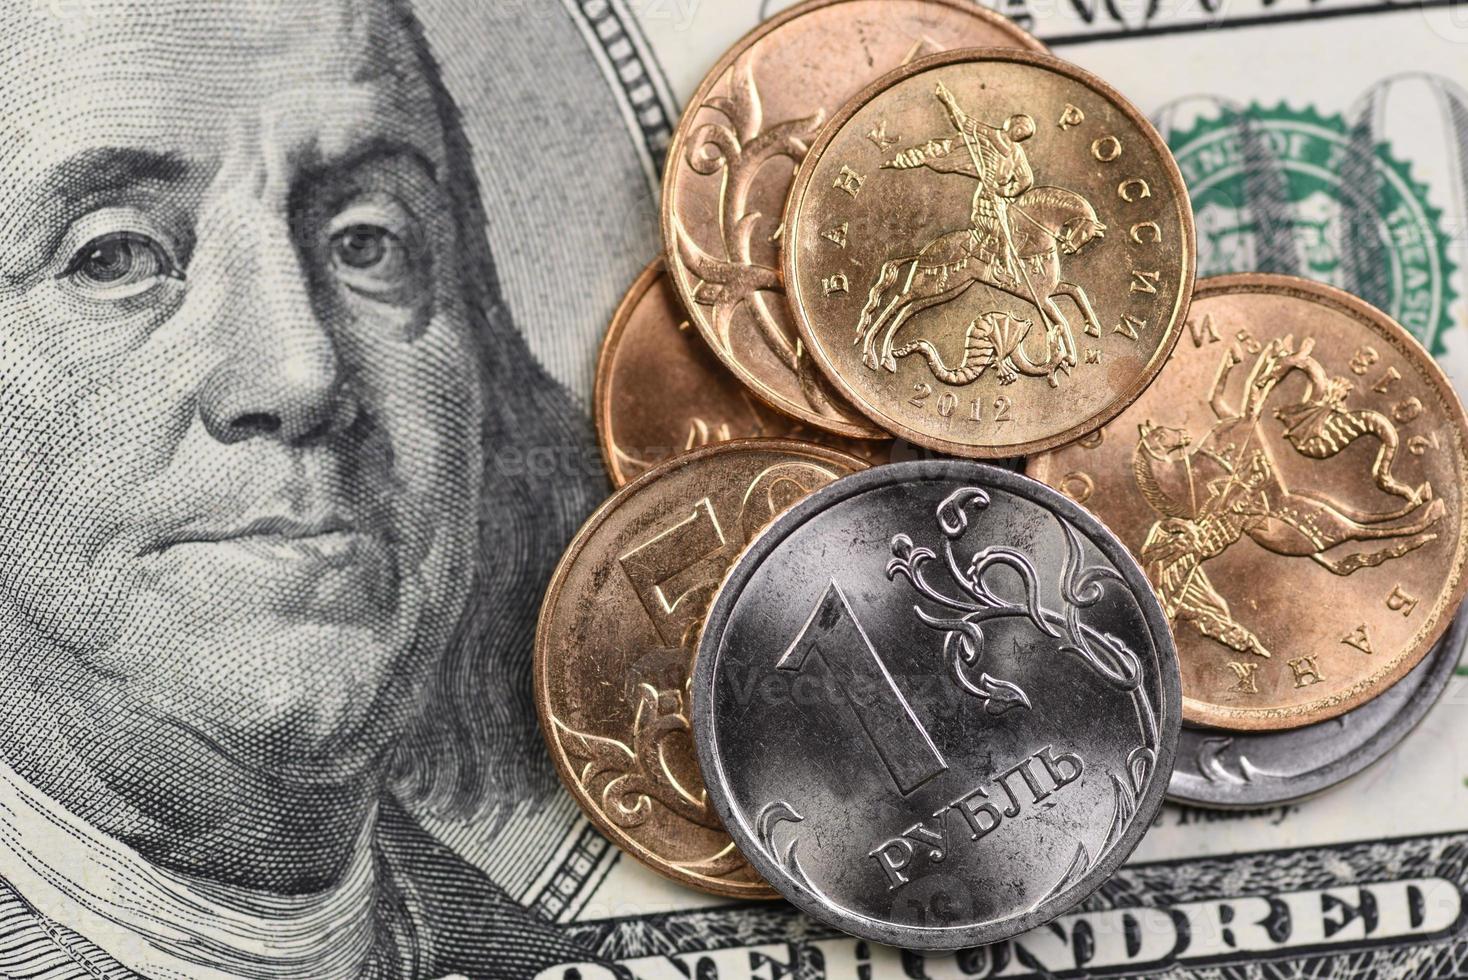 moedas russas e 100 dólares americanos foto